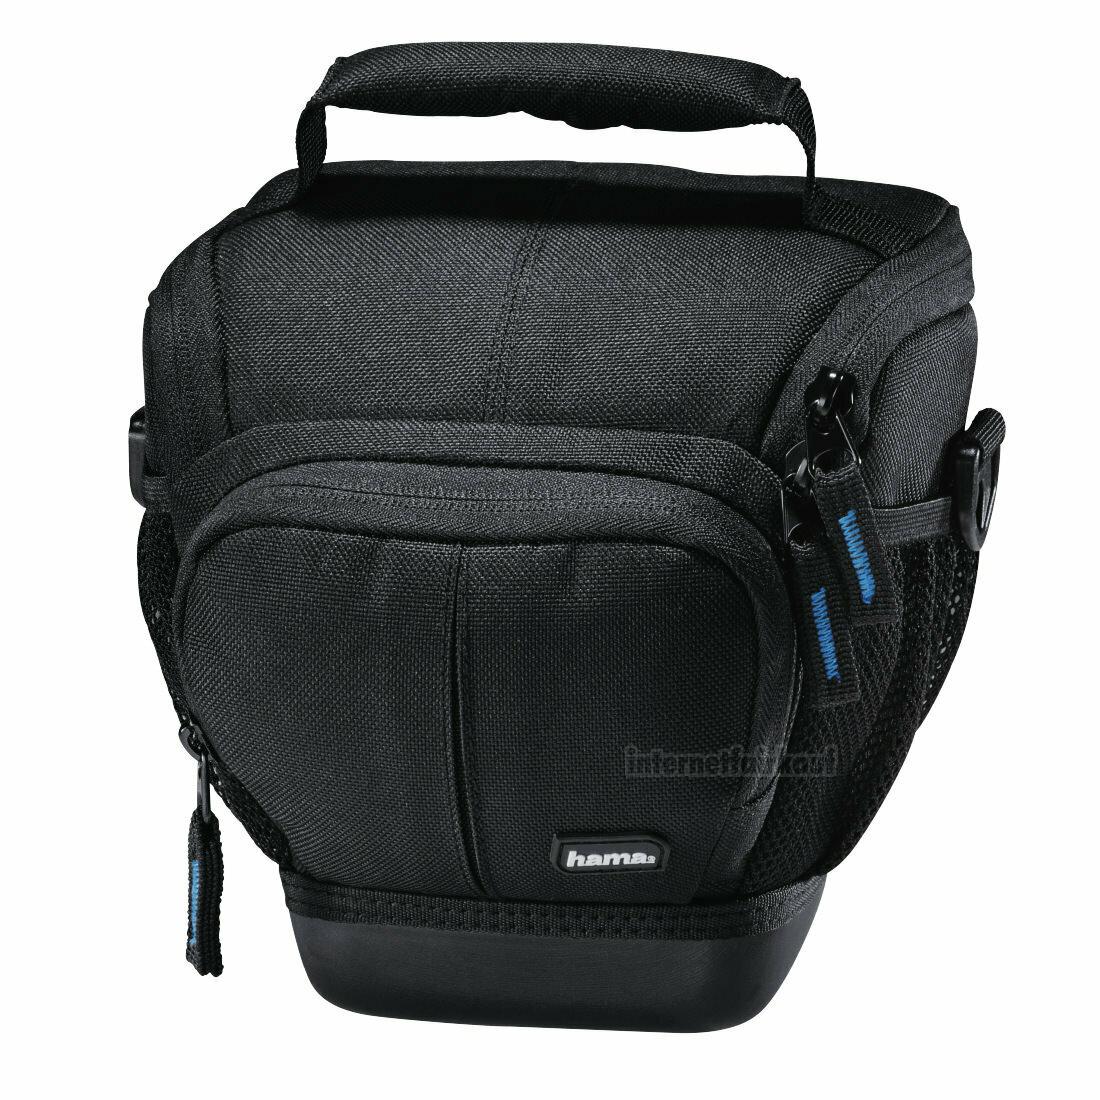 Kameratasche Fototasche passend für Nikon D3200 D5200 und 18-55mm Obj.